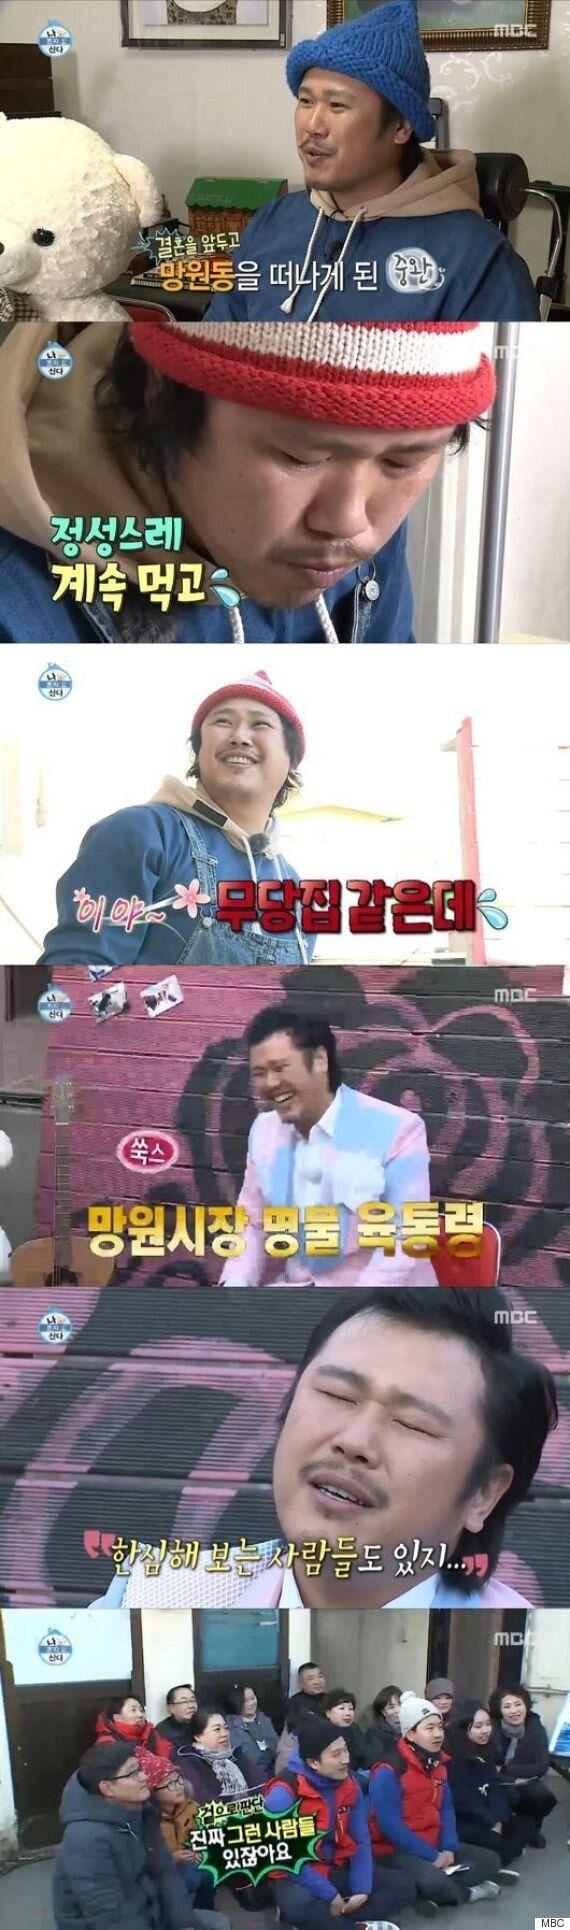 [어저께TV] '나혼자산다' 육중완, 망원동